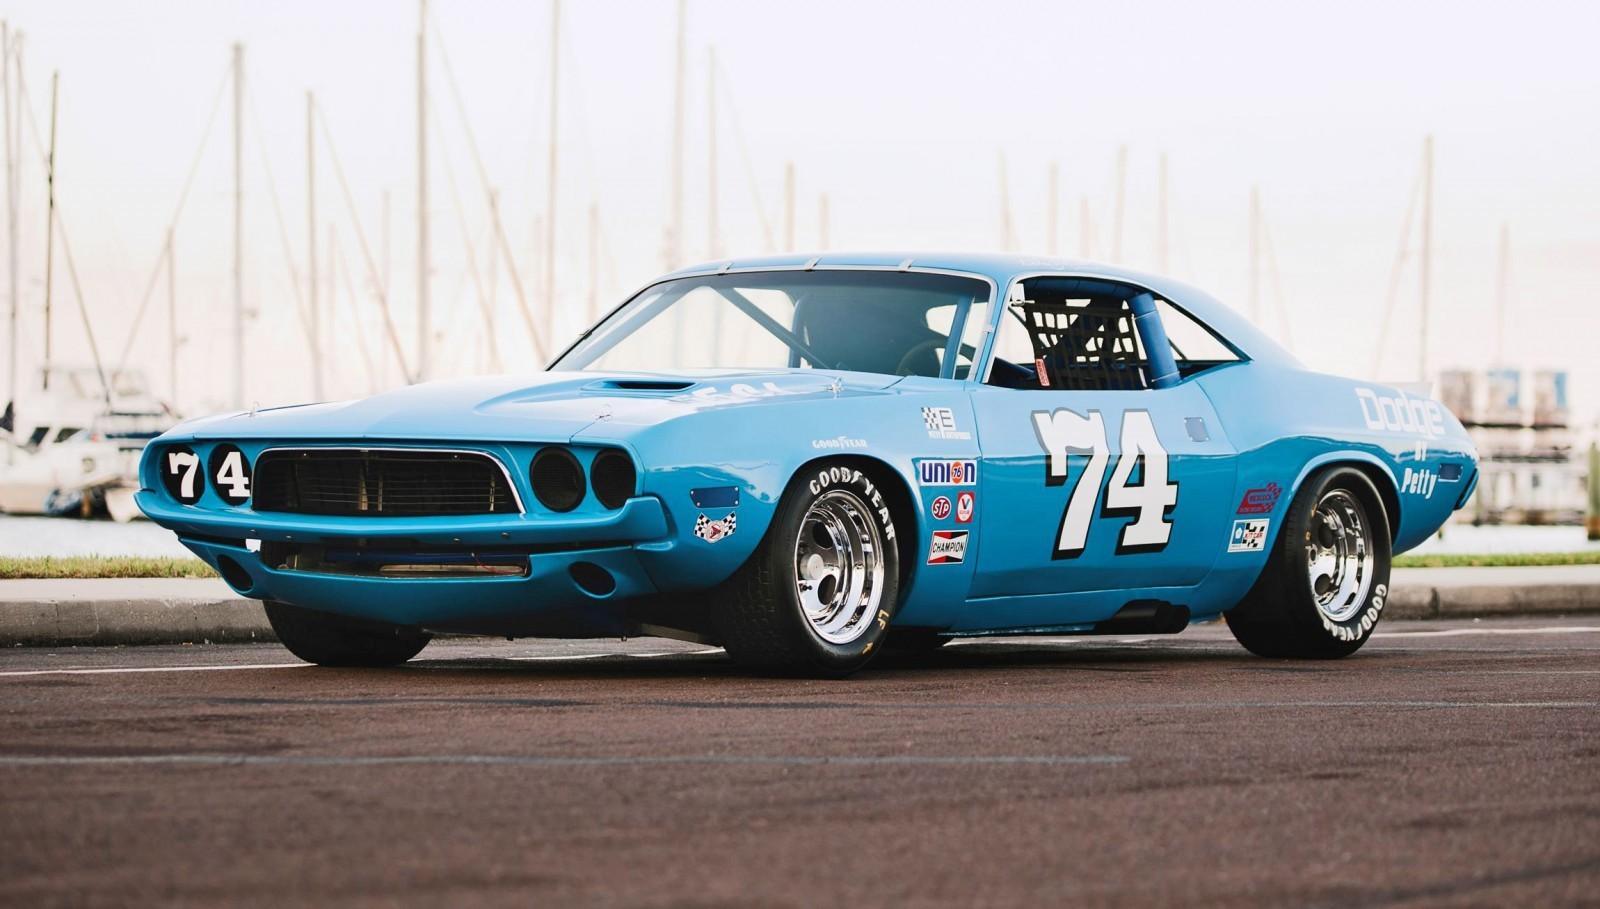 Dodge challenger car